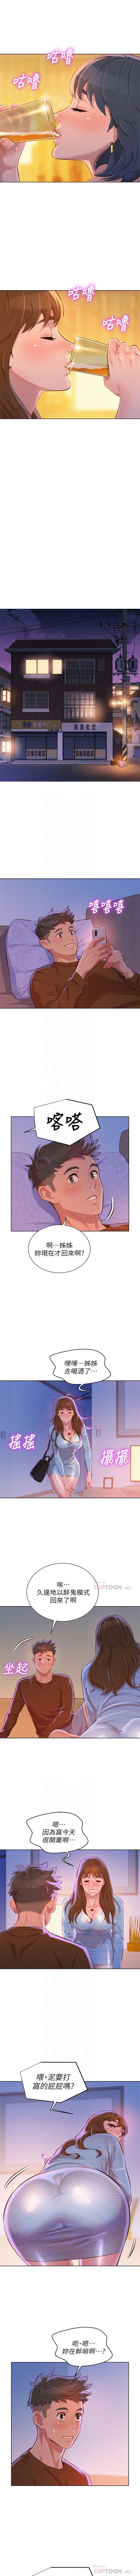 (周7)漂亮干姐姐  1-79 中文翻译 (更新中) 371